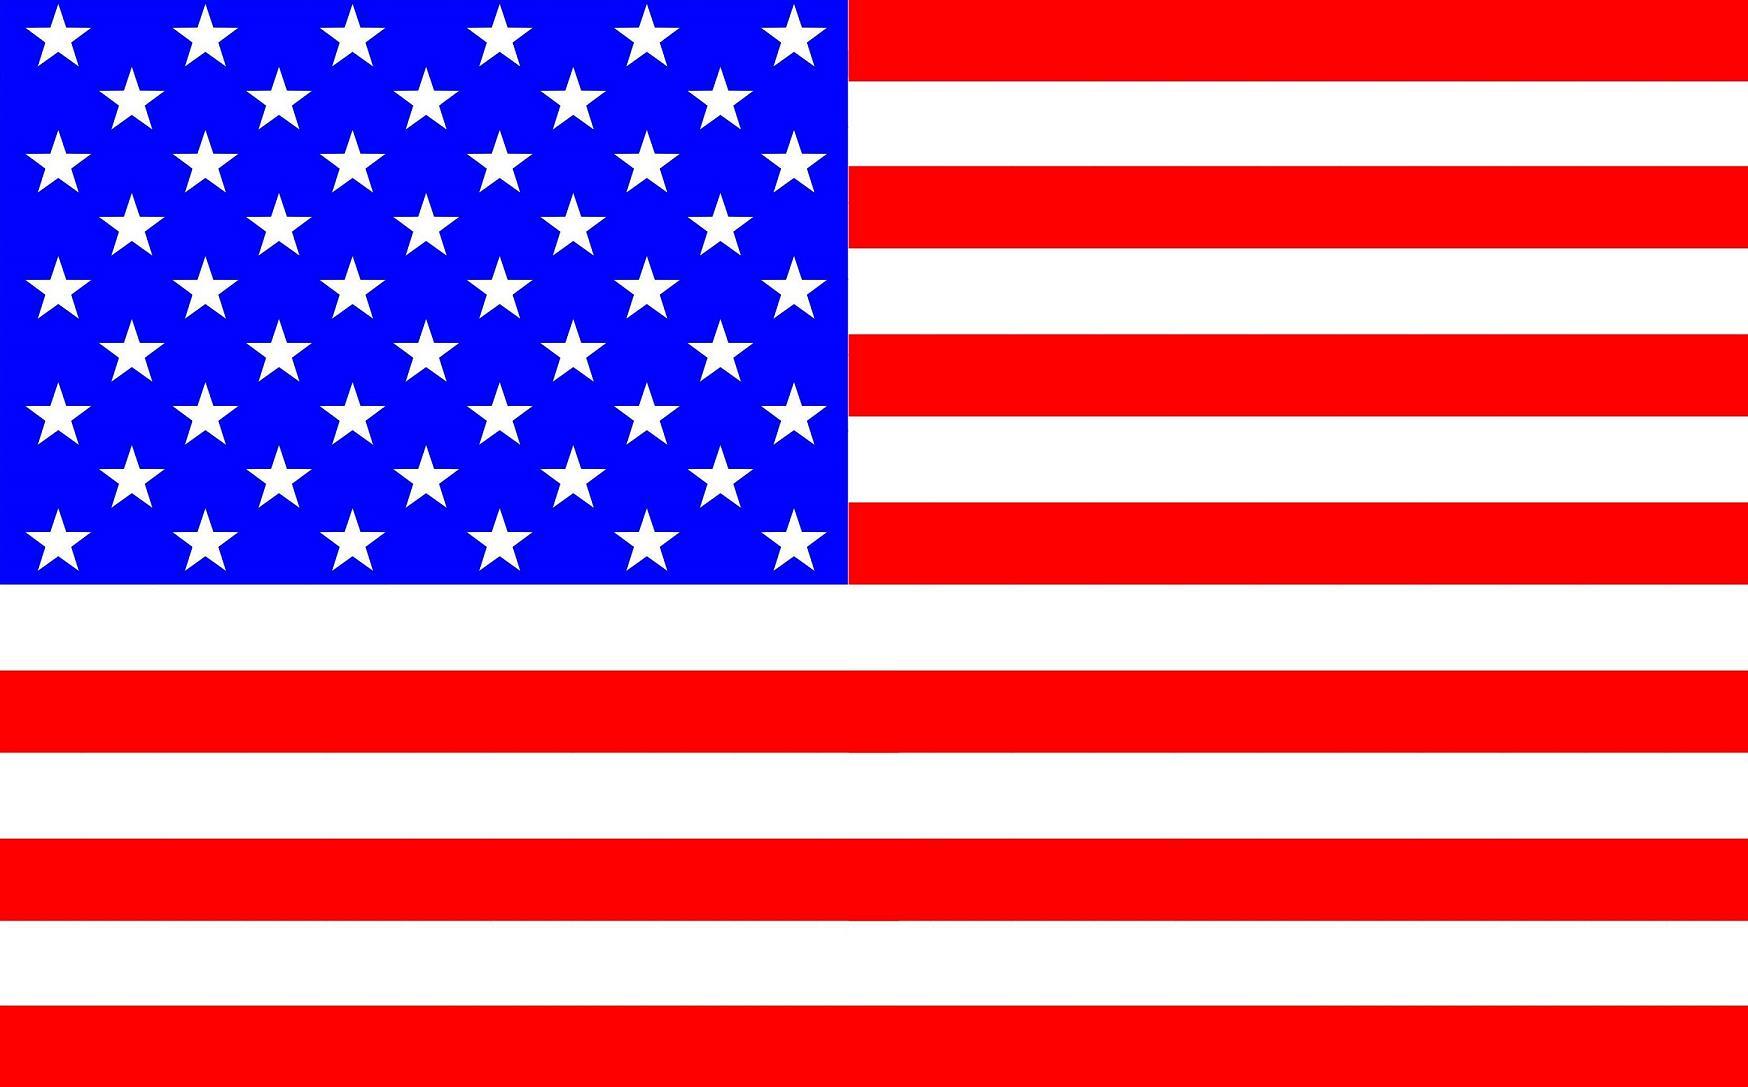 раскопках учёные флаг америки картинки пришел трофеем